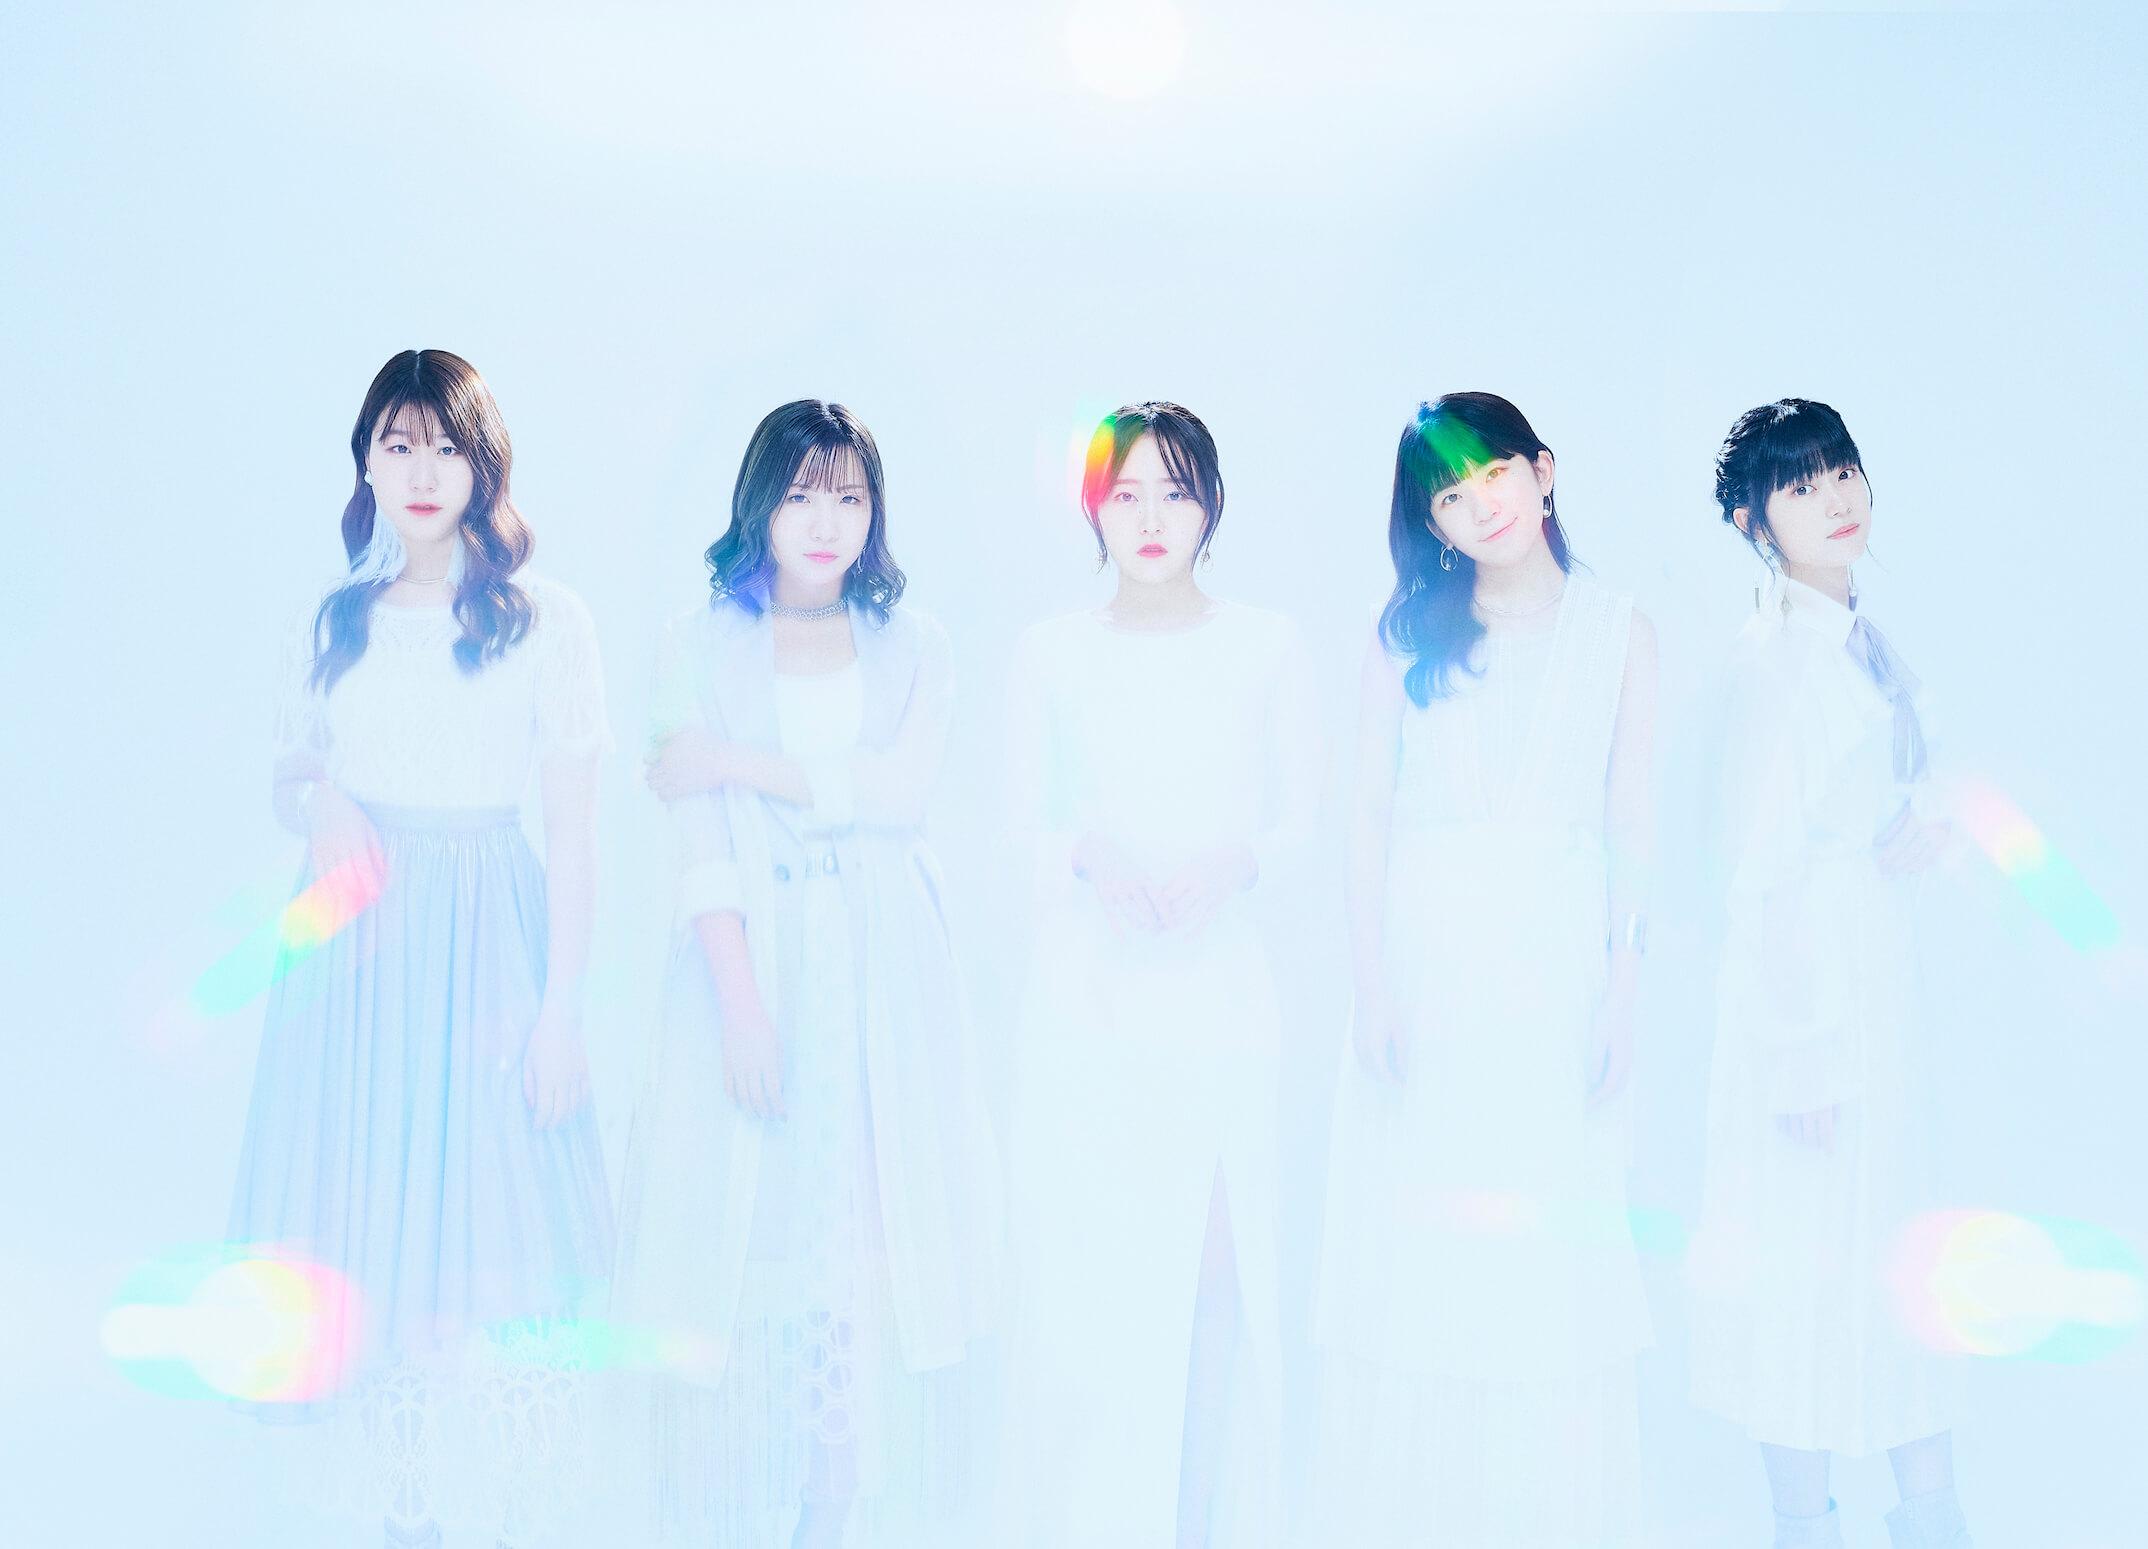 リトグリの新曲「STARTING OVER」が、ドラマ「女子高生の無駄づかい」主題歌に決定